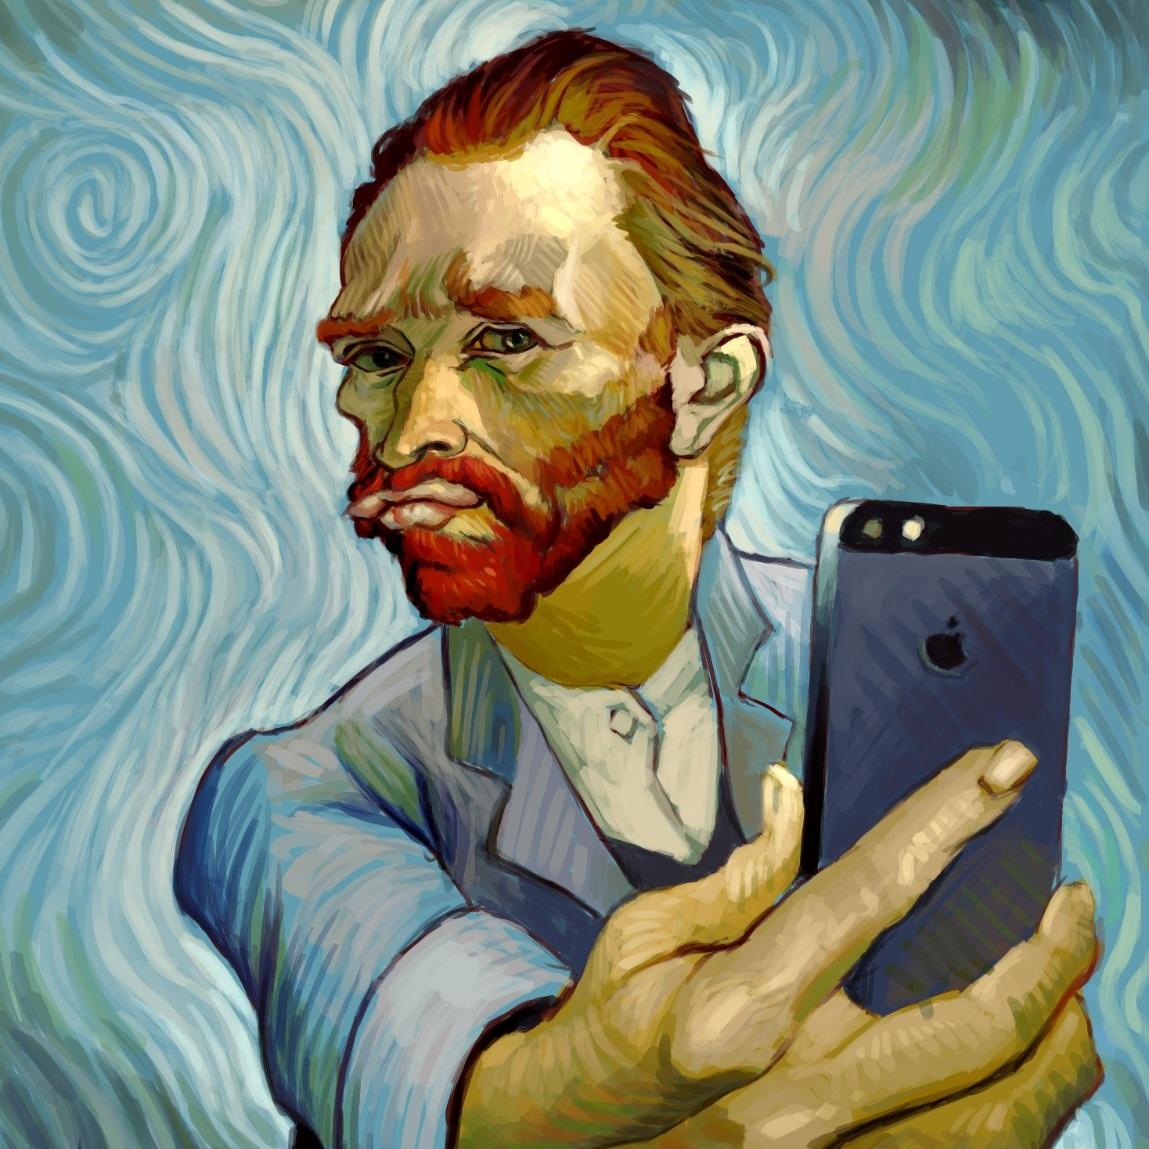 Van+Gogh+Selfie.jpg